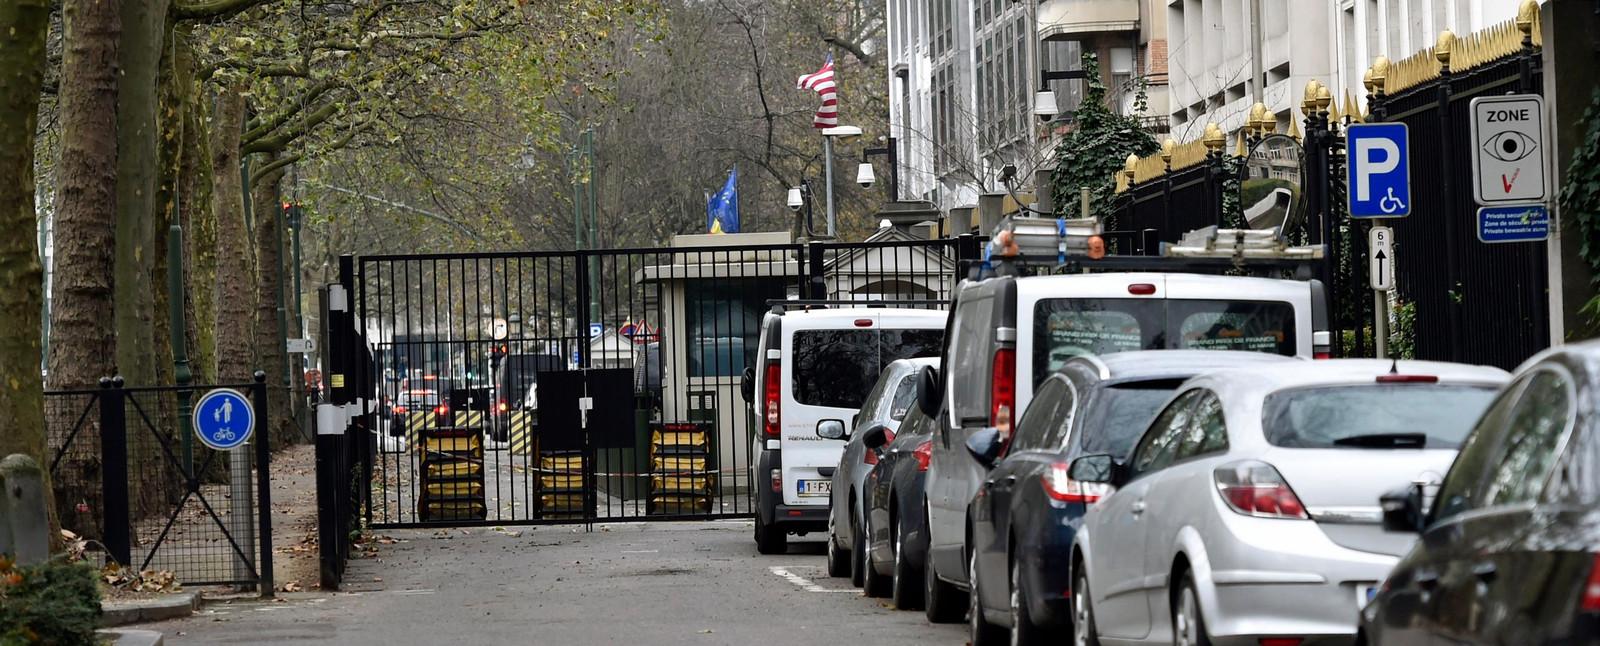 Archives (ambassade américaine à Bruxelles) en 2015